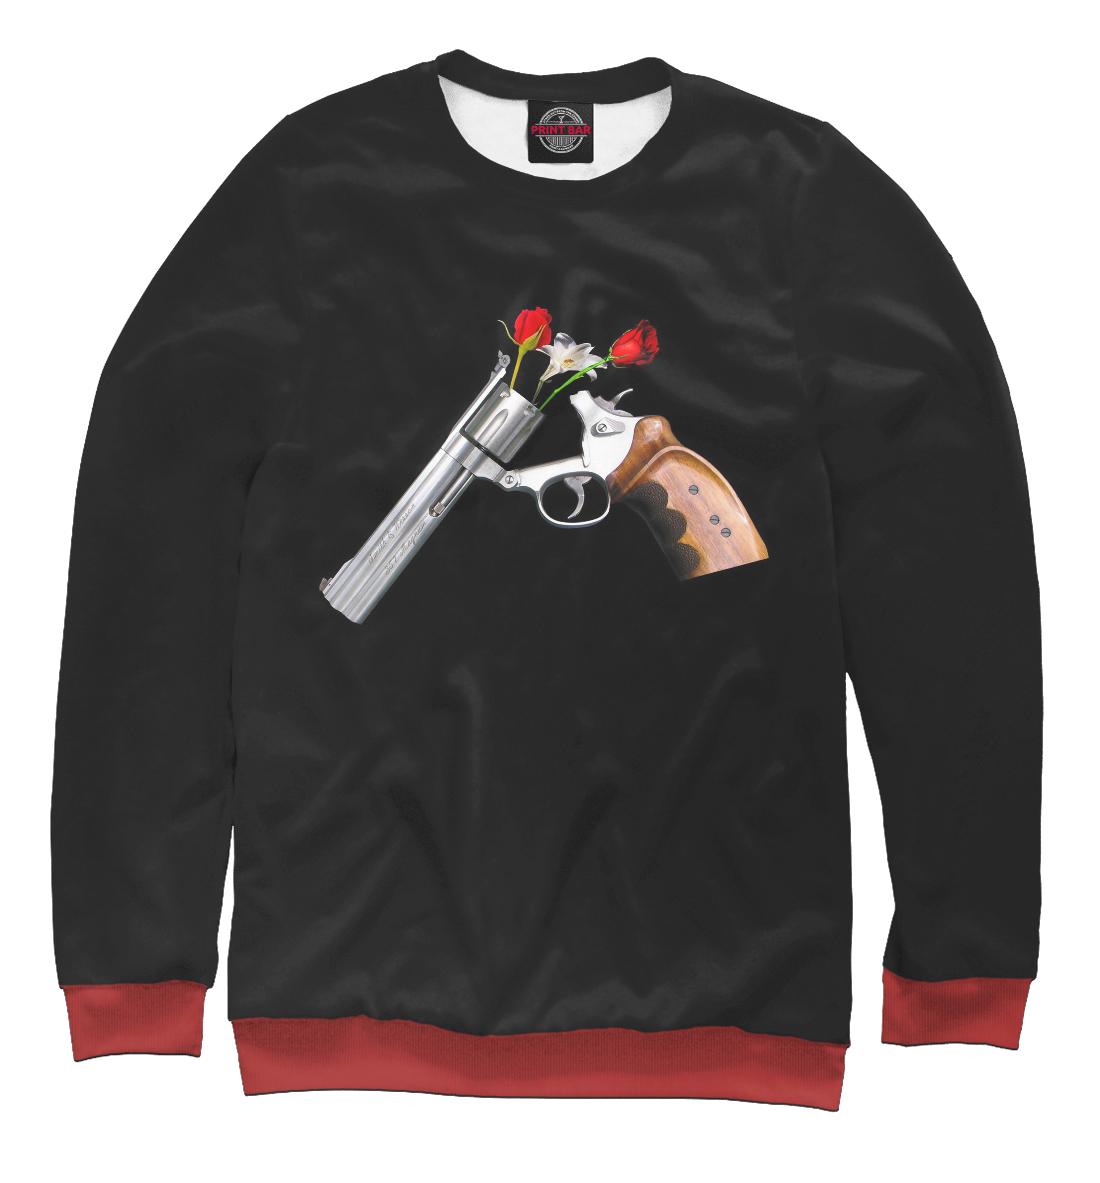 Купить Guns and Roses, Printbar, Свитшоты, GNR-710936-swi-2